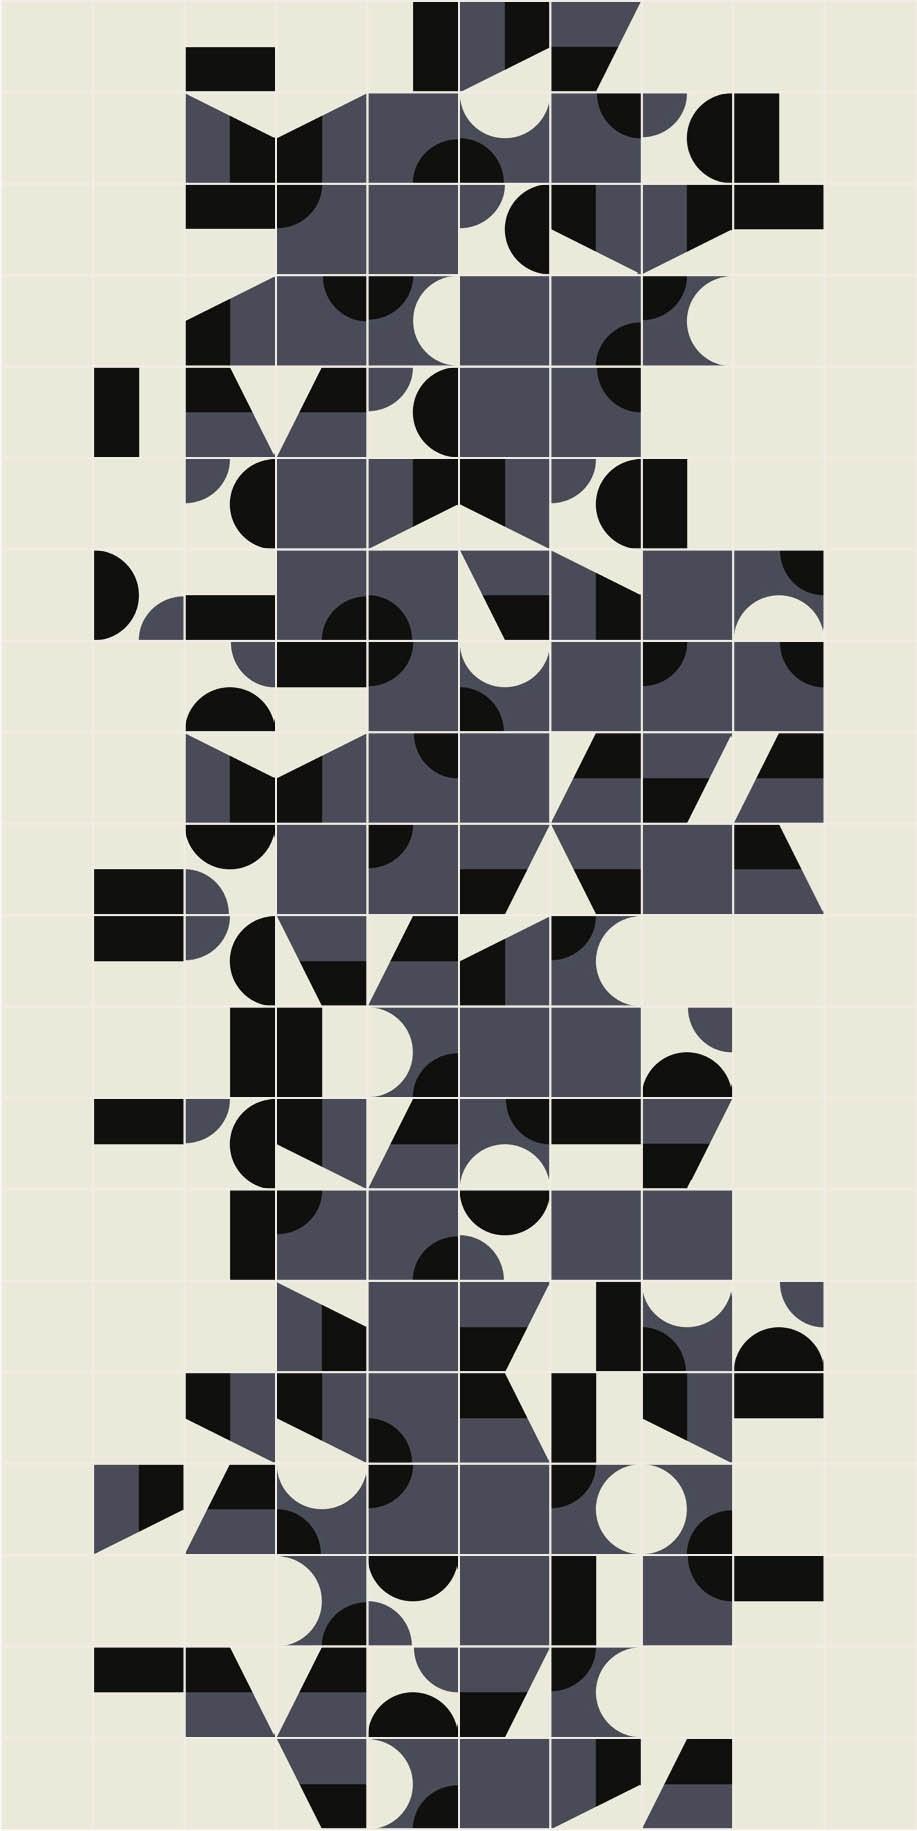 Revêtement De Sol/mur En Grès Cérame Émaillé Puzzle encequiconcerne Puzzle Gratuit Pour Fille De 3 Ans